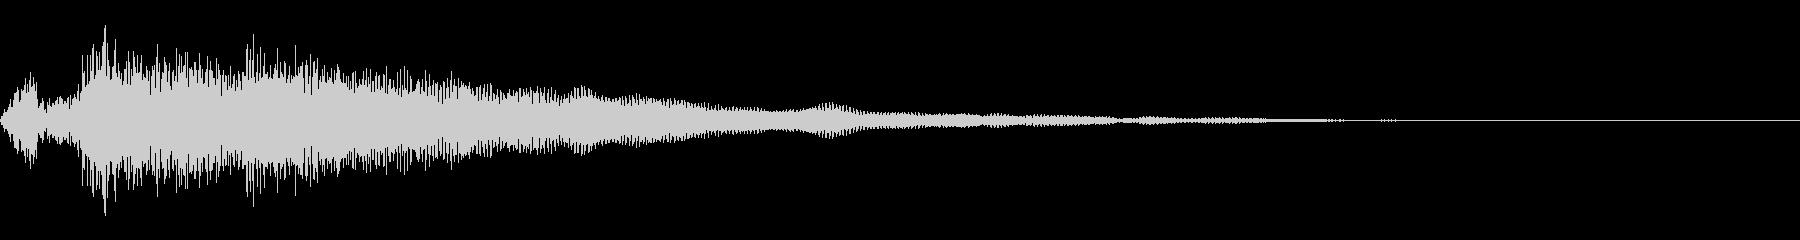 回復魔法/癒し/キラキラ/ヒーリングの未再生の波形